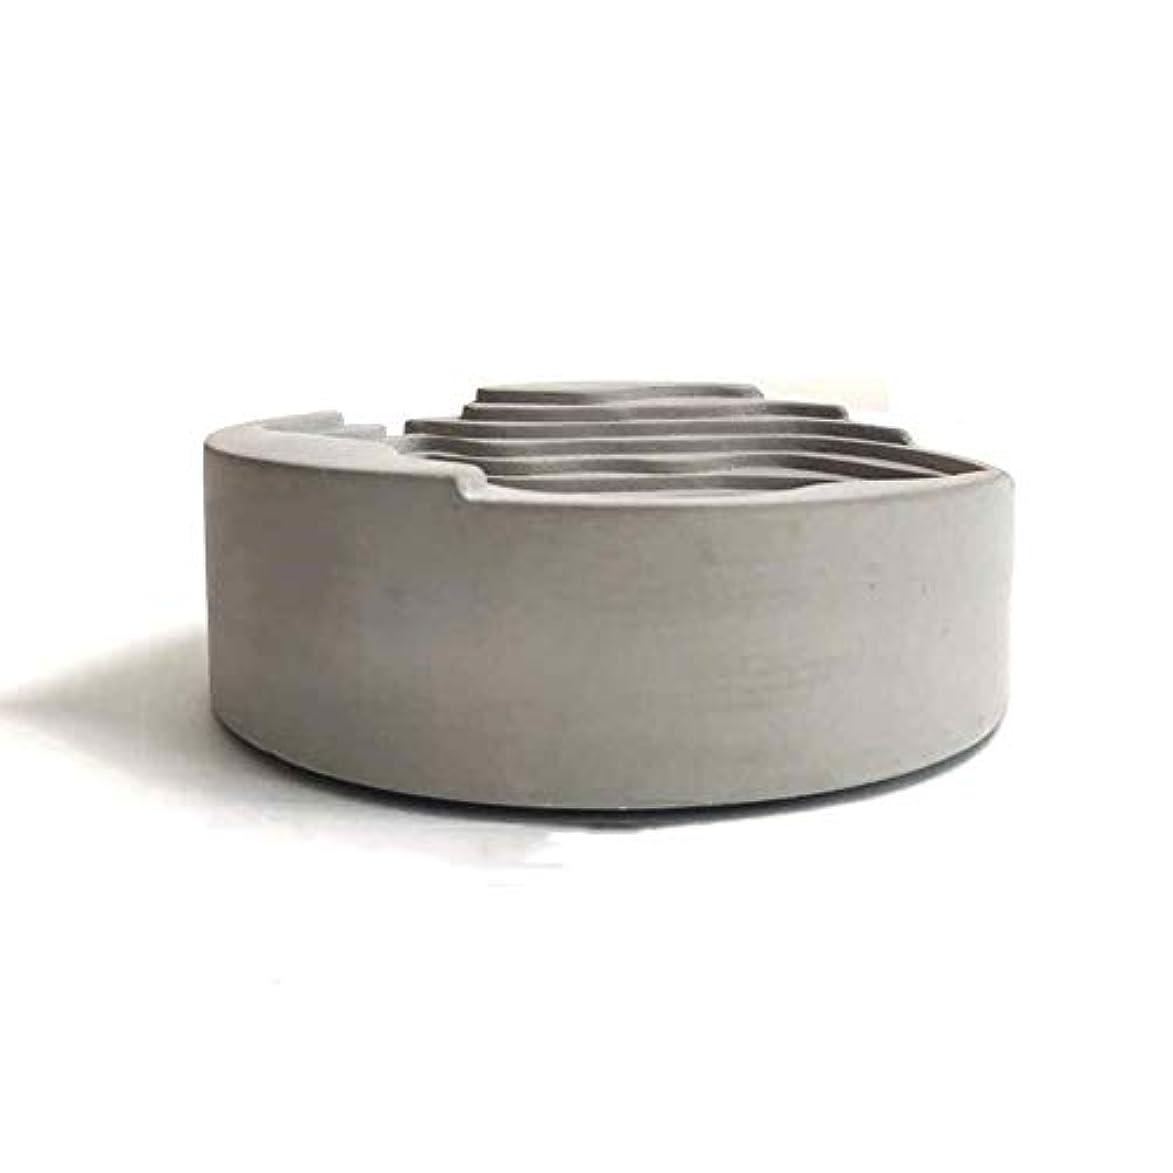 団結する変動する残基セメント灰皿オリジナルシンプルウォーターコンクリートギフト灰皿